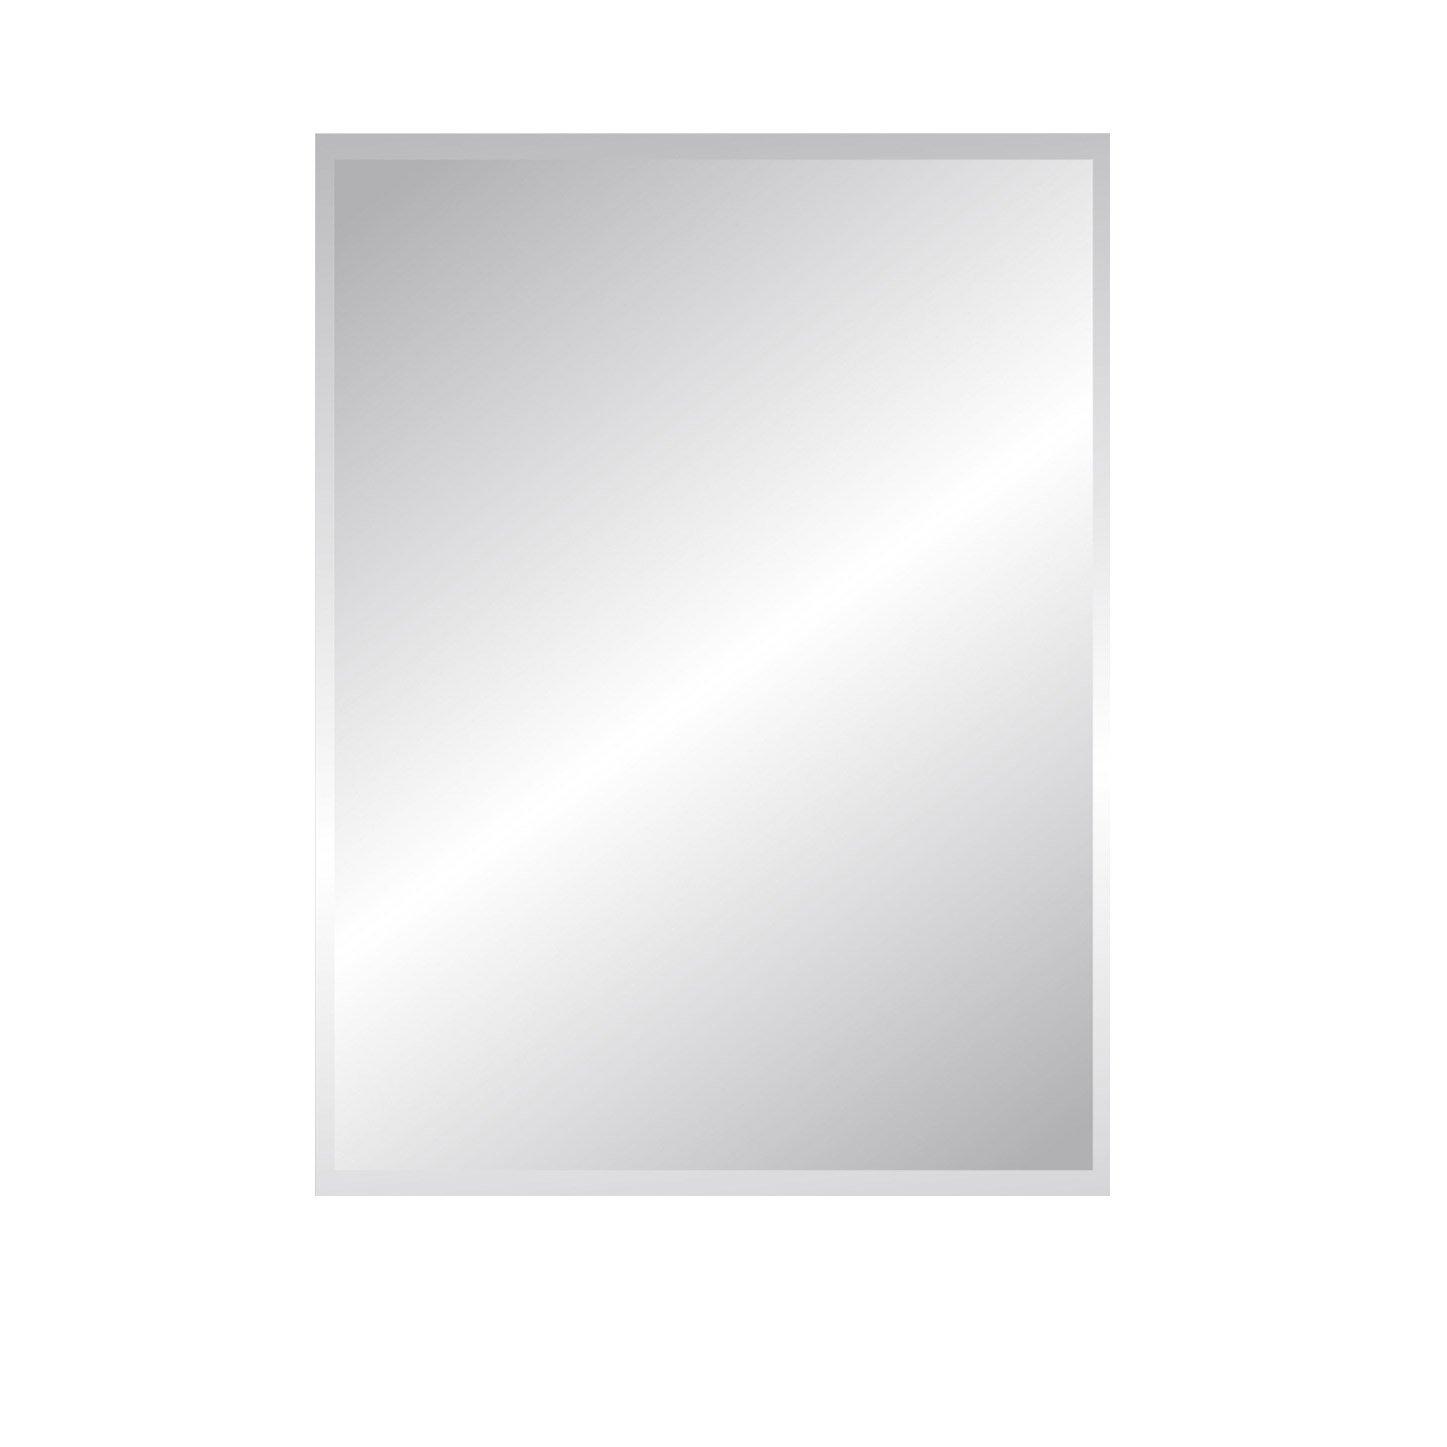 Miroir Non Lumineux Découpé Rectangulaire L 60 X L 80 5 Cm Biseauté